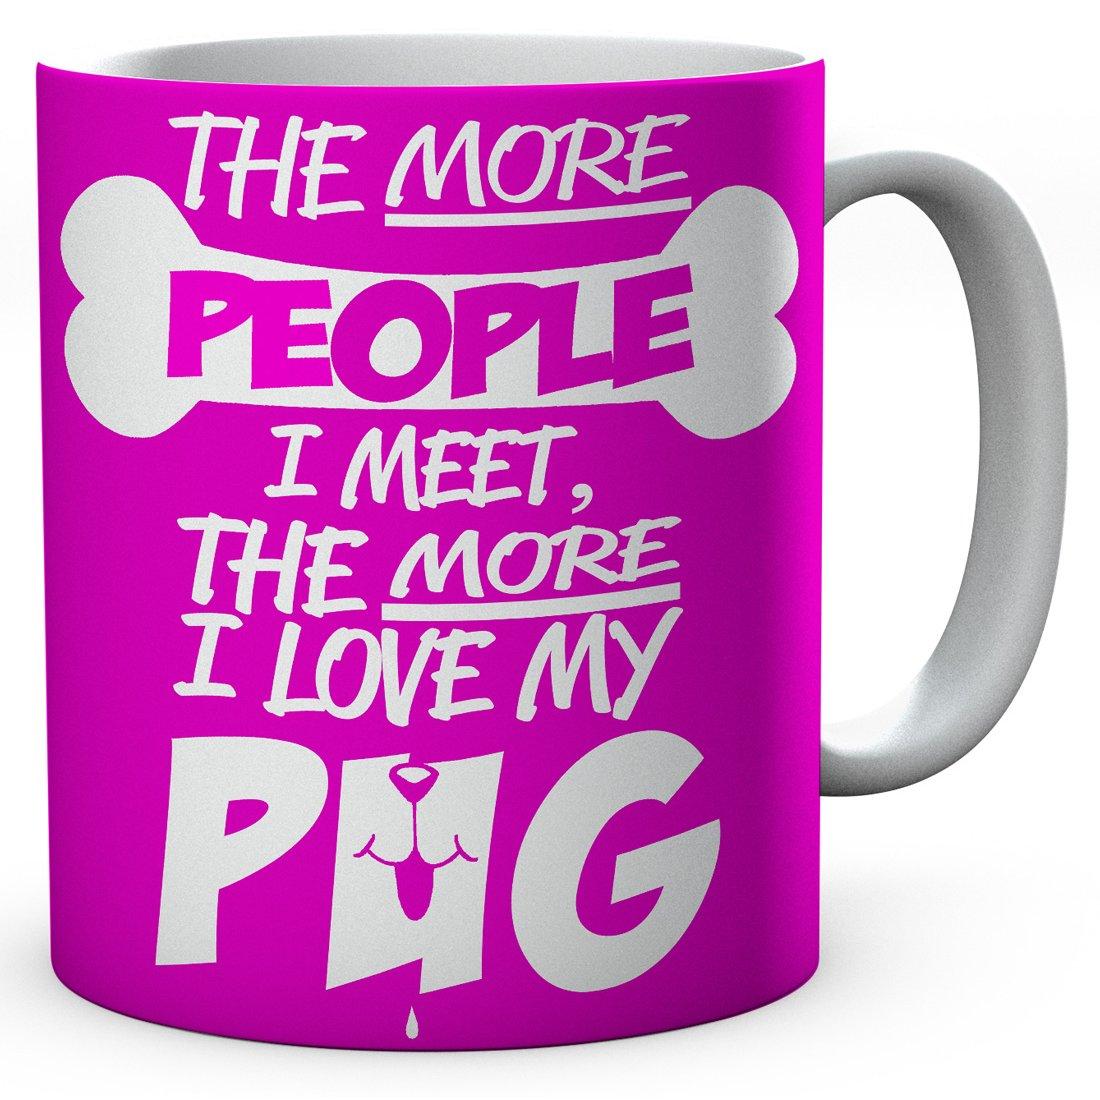 Funny Printed Pug Mug